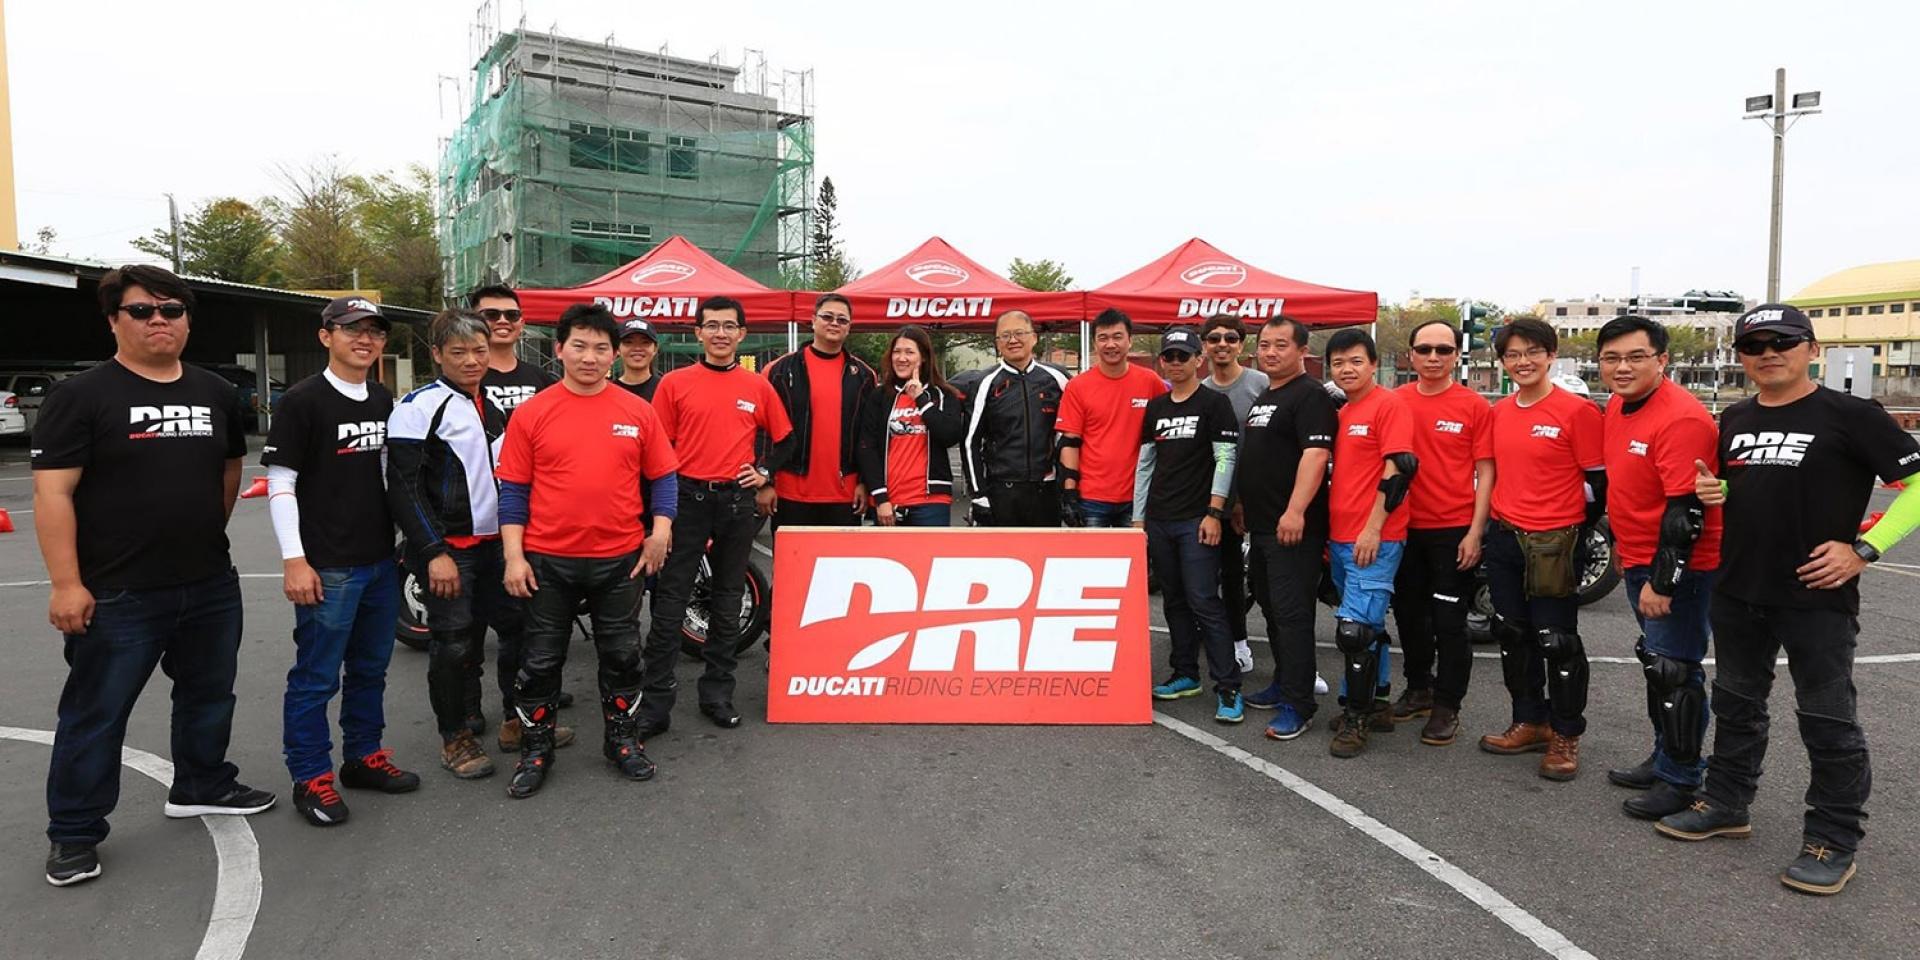 官方新聞稿。DRE Ducati Riding Experience完美落幕